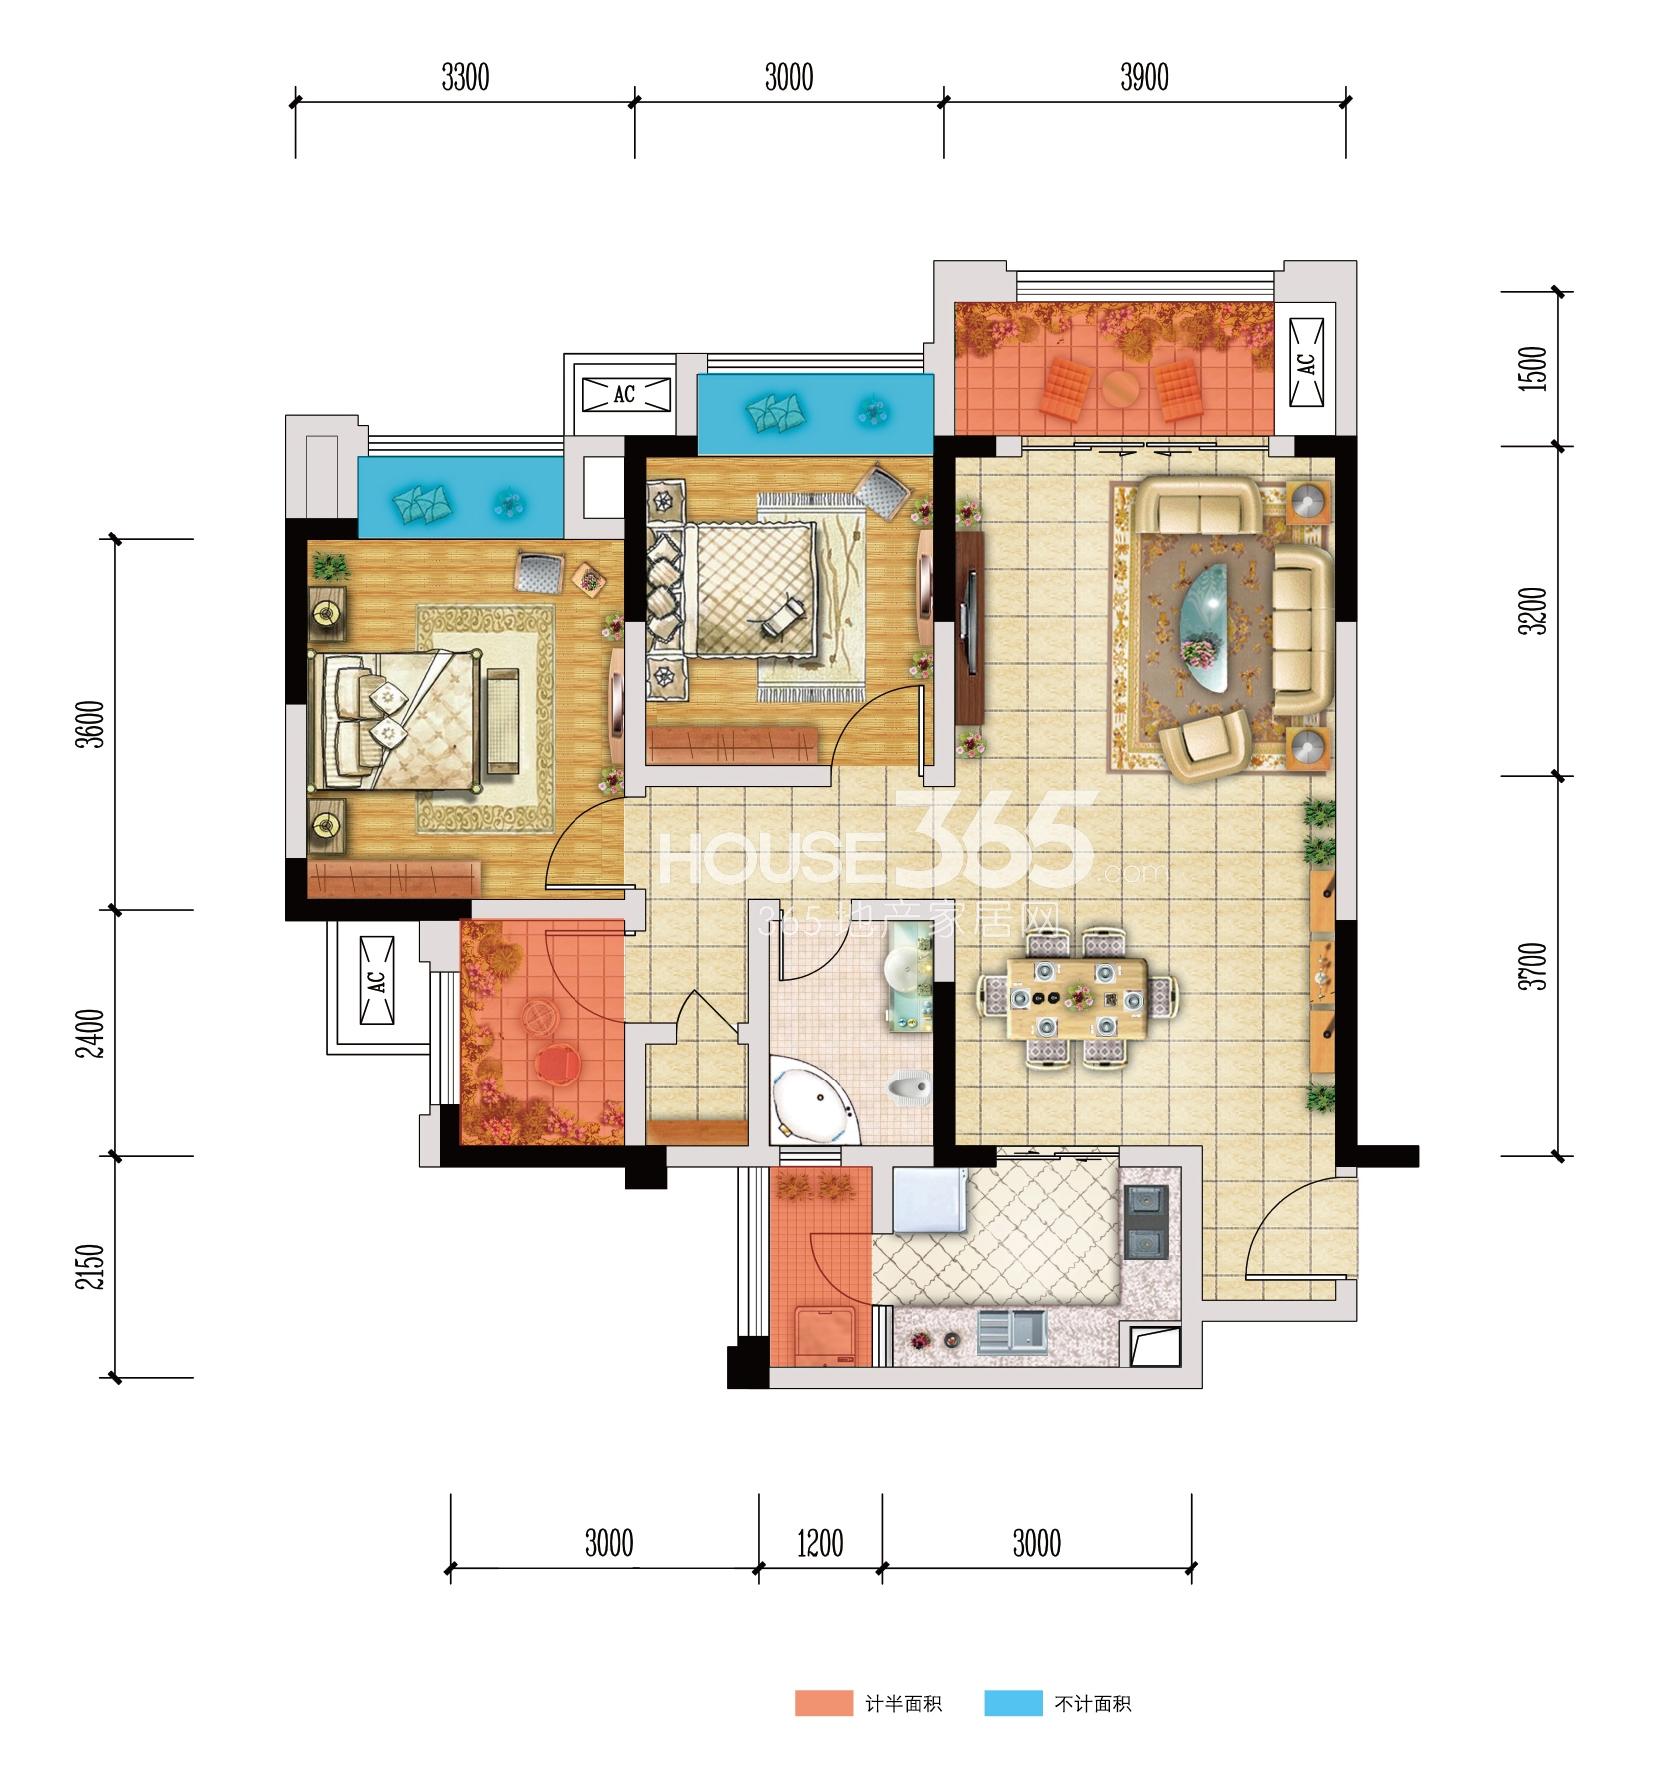 北大资源江山名门F2户型 两室两厅一卫 74.99㎡